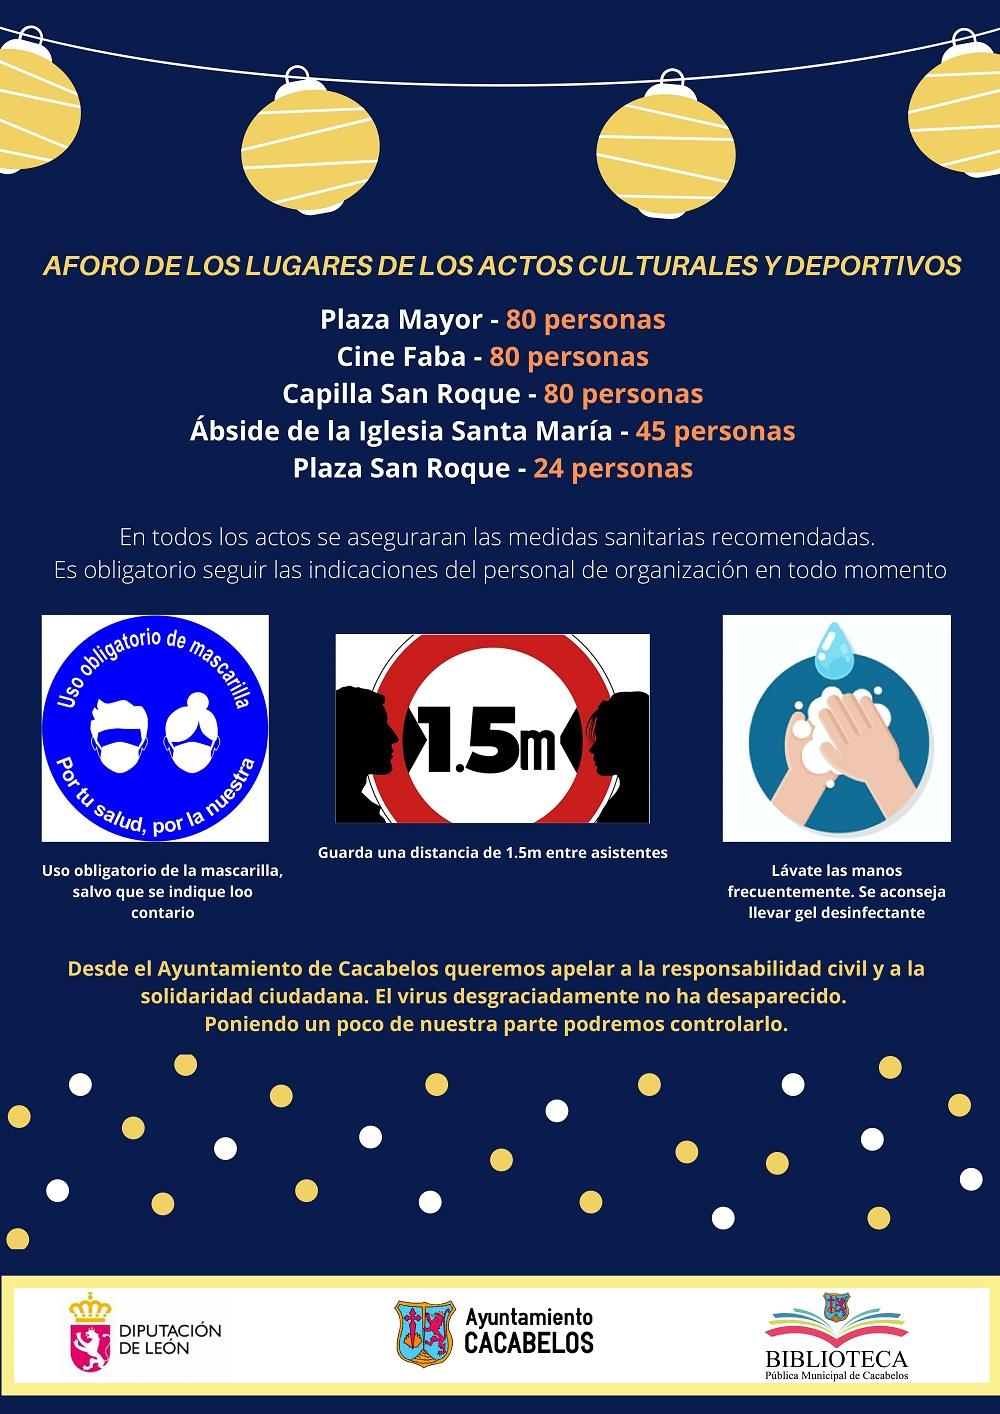 Cacabelos celebra las noches del Camino 2020 que incluyen cine, charlas o exposiciones a lo largo de agosto y septiembre 5